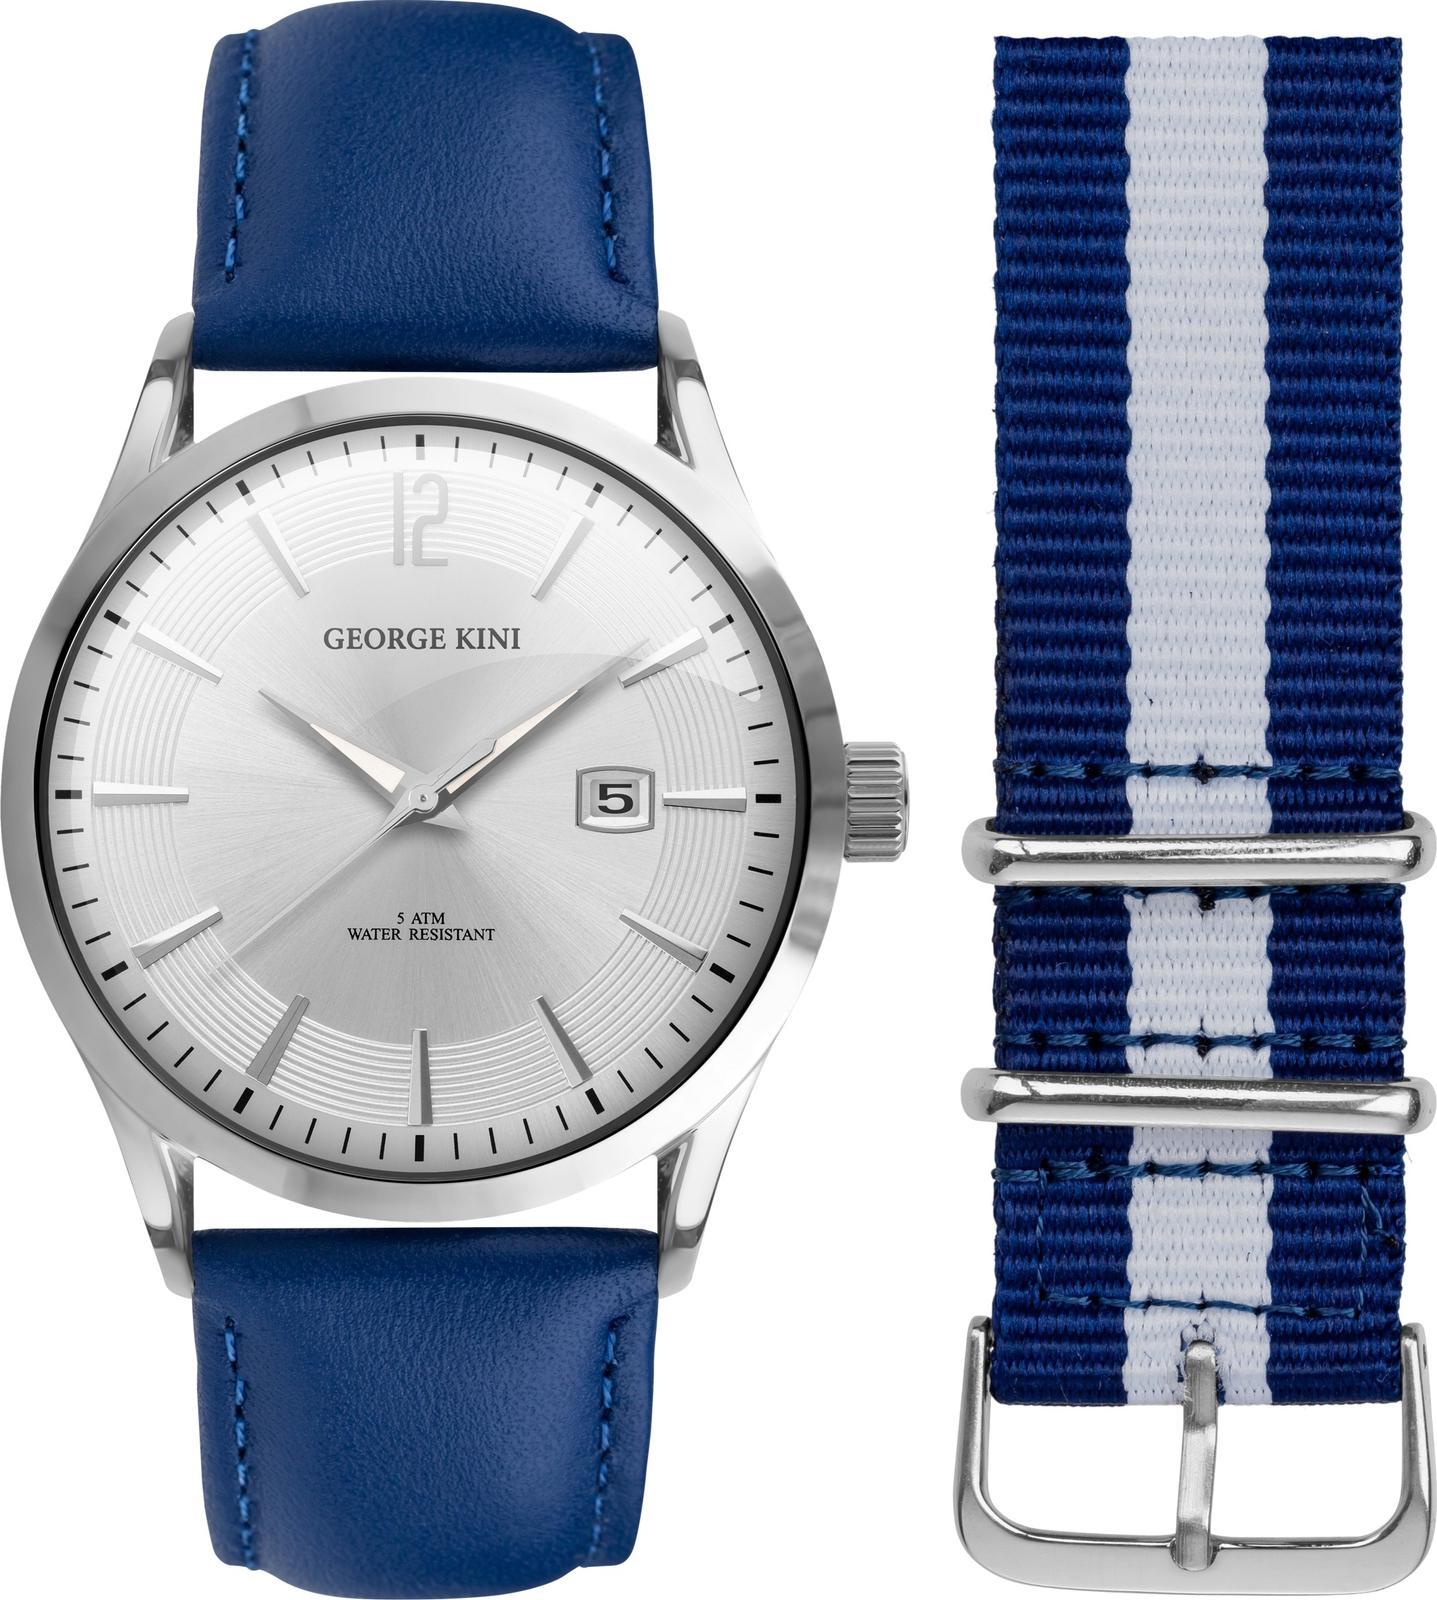 Наручные часы George Kini мужские синий купить часы с механизмом miyota